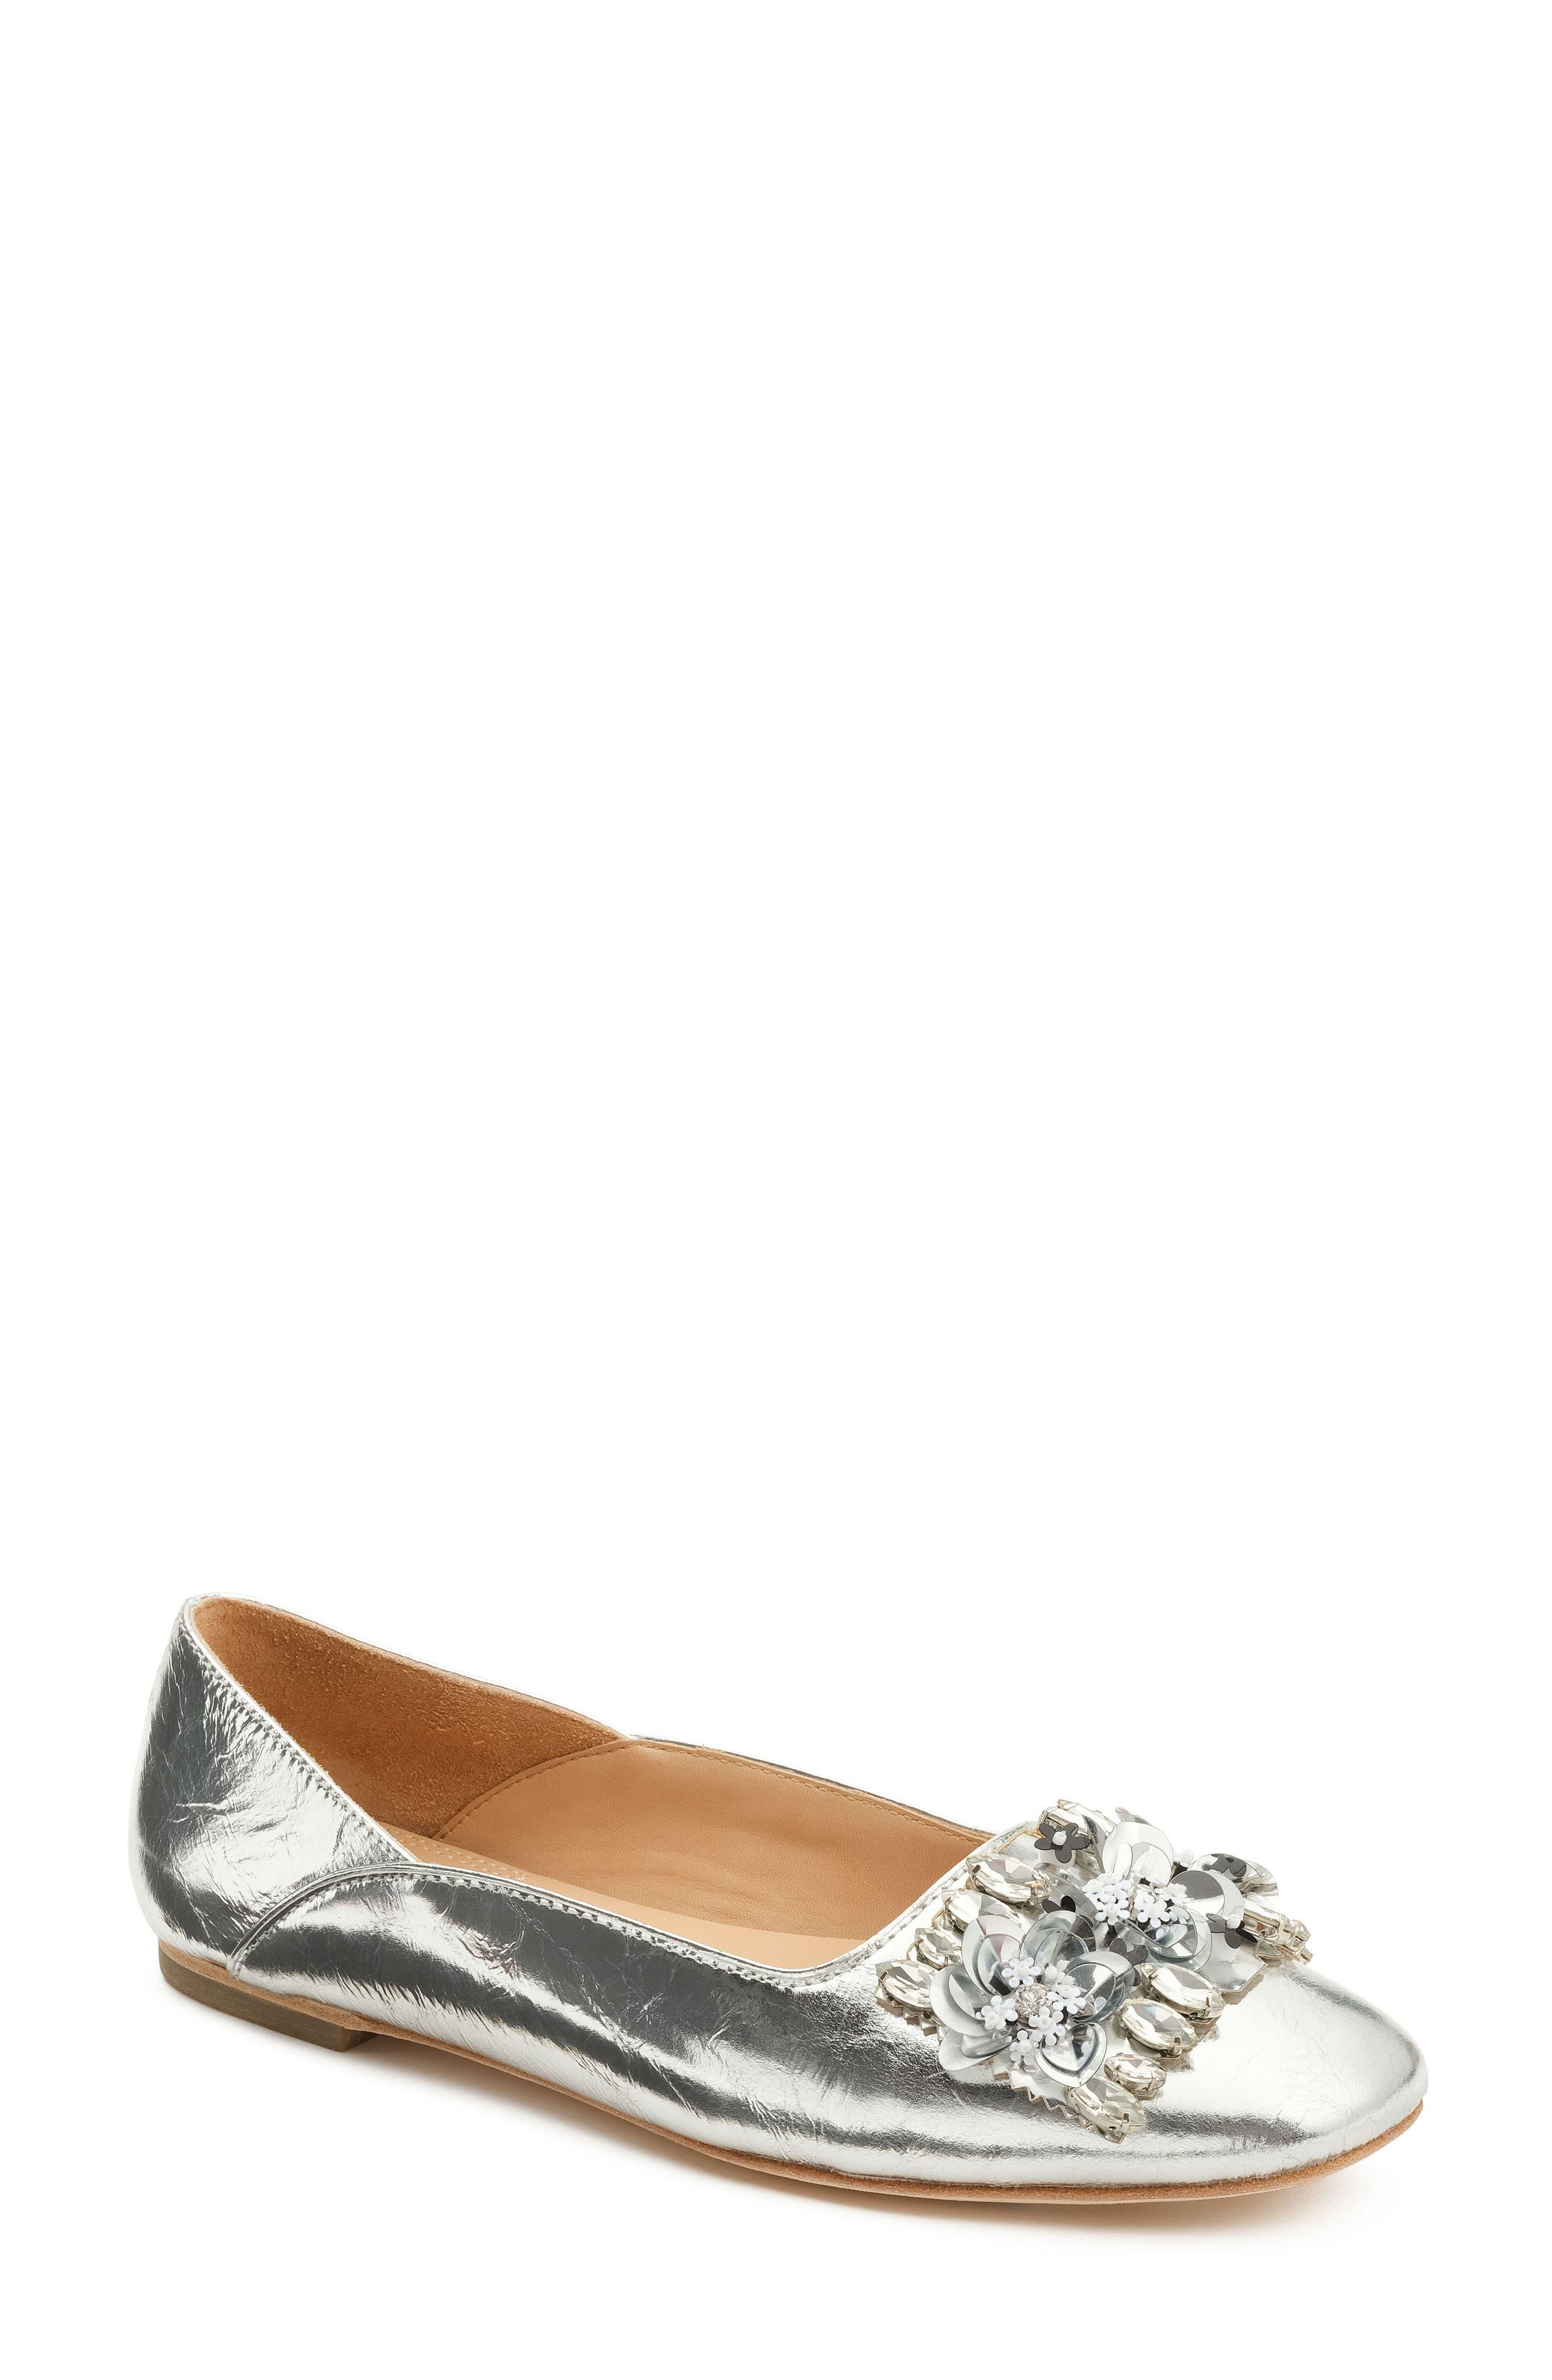 Aurey Embellished Ballet Flat,                         Main,                         color, Silver Foil